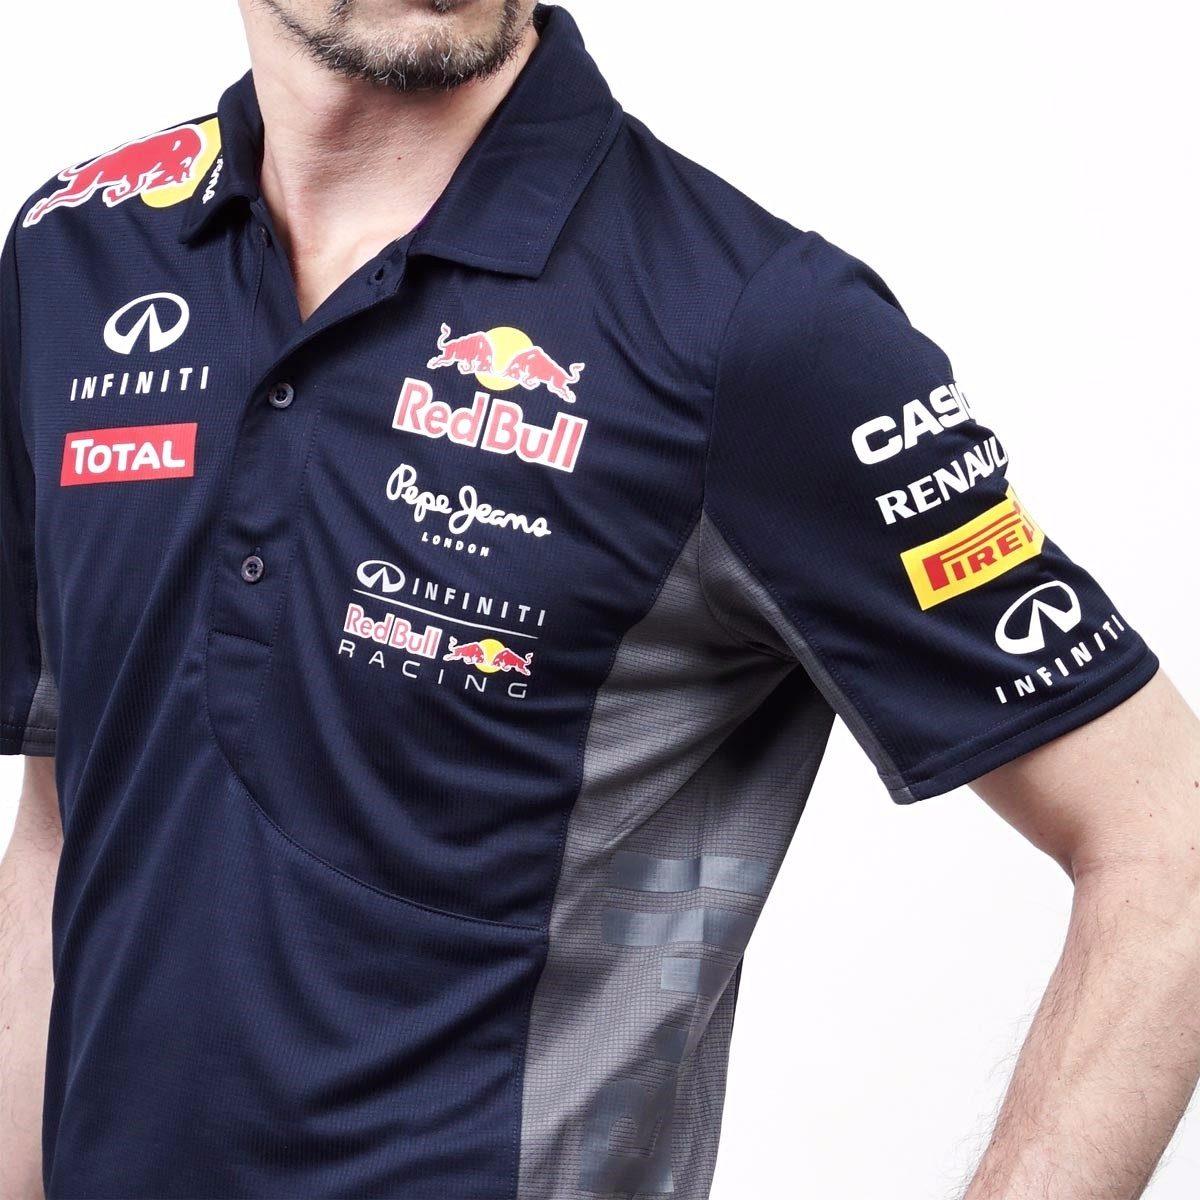 Camiseta Camisa Red Bull F1 100% Algodão Polo Qualidade Nova - R ... 08c6f394f54